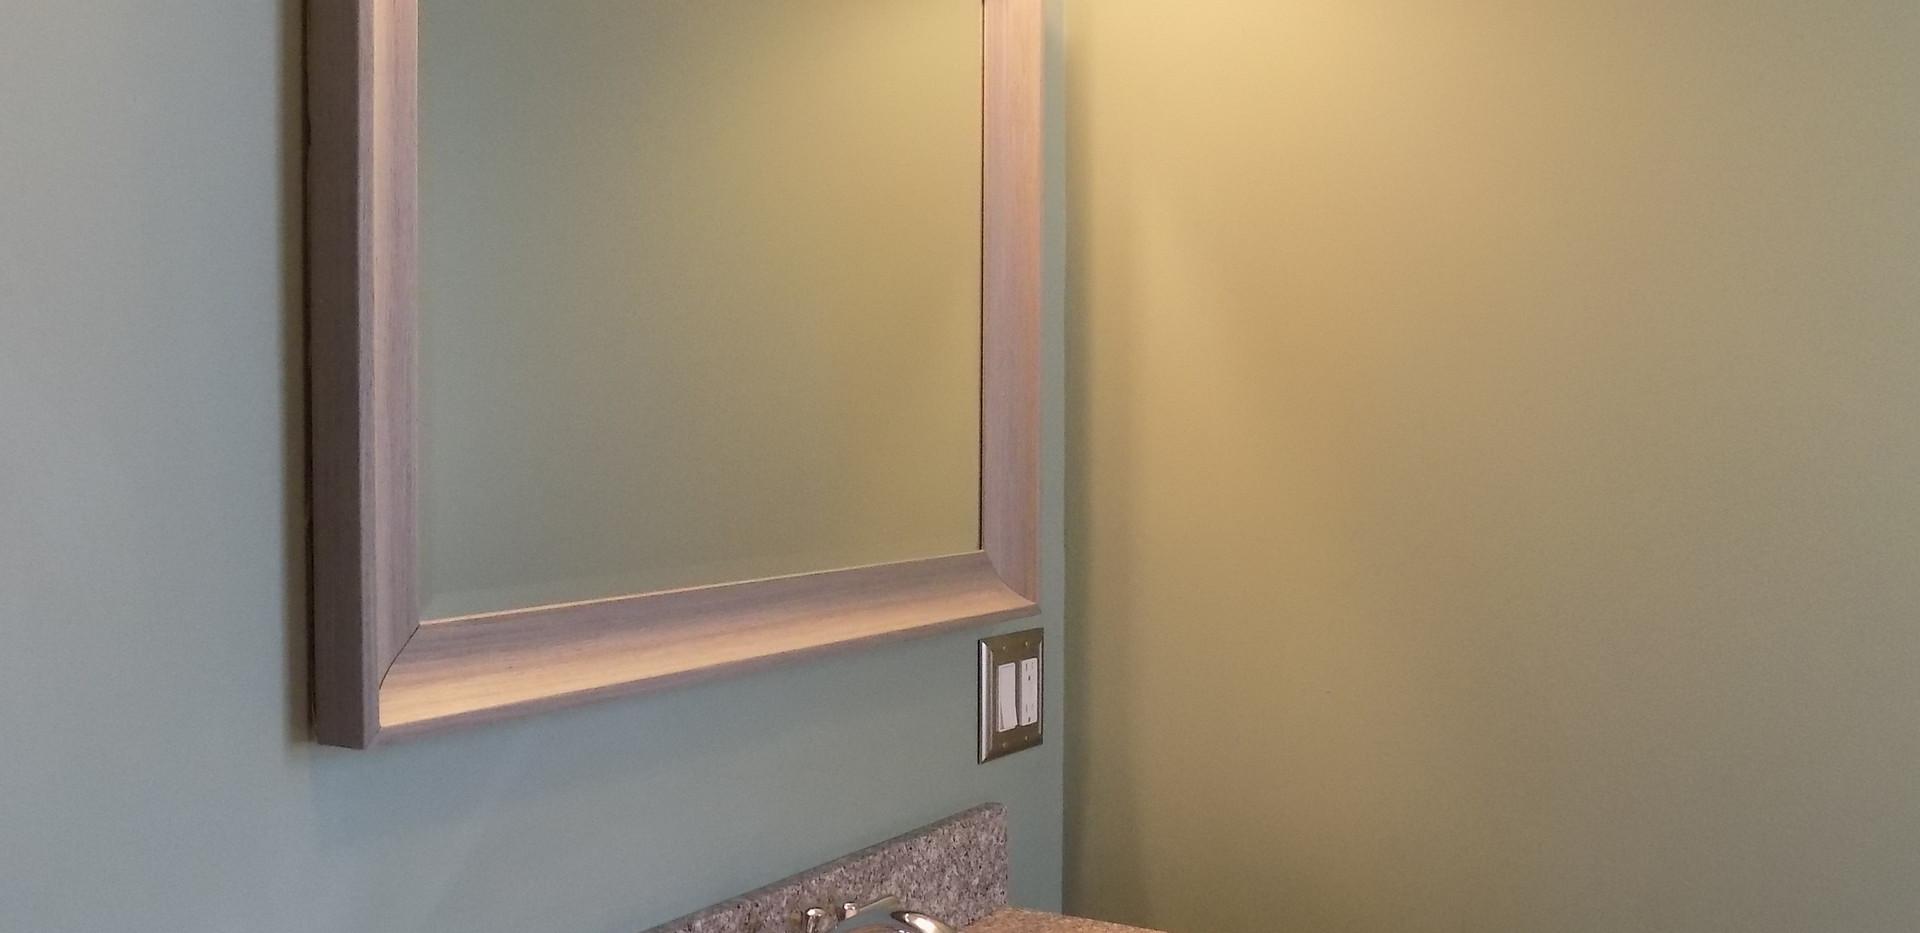 Bathroom A sink & mirro